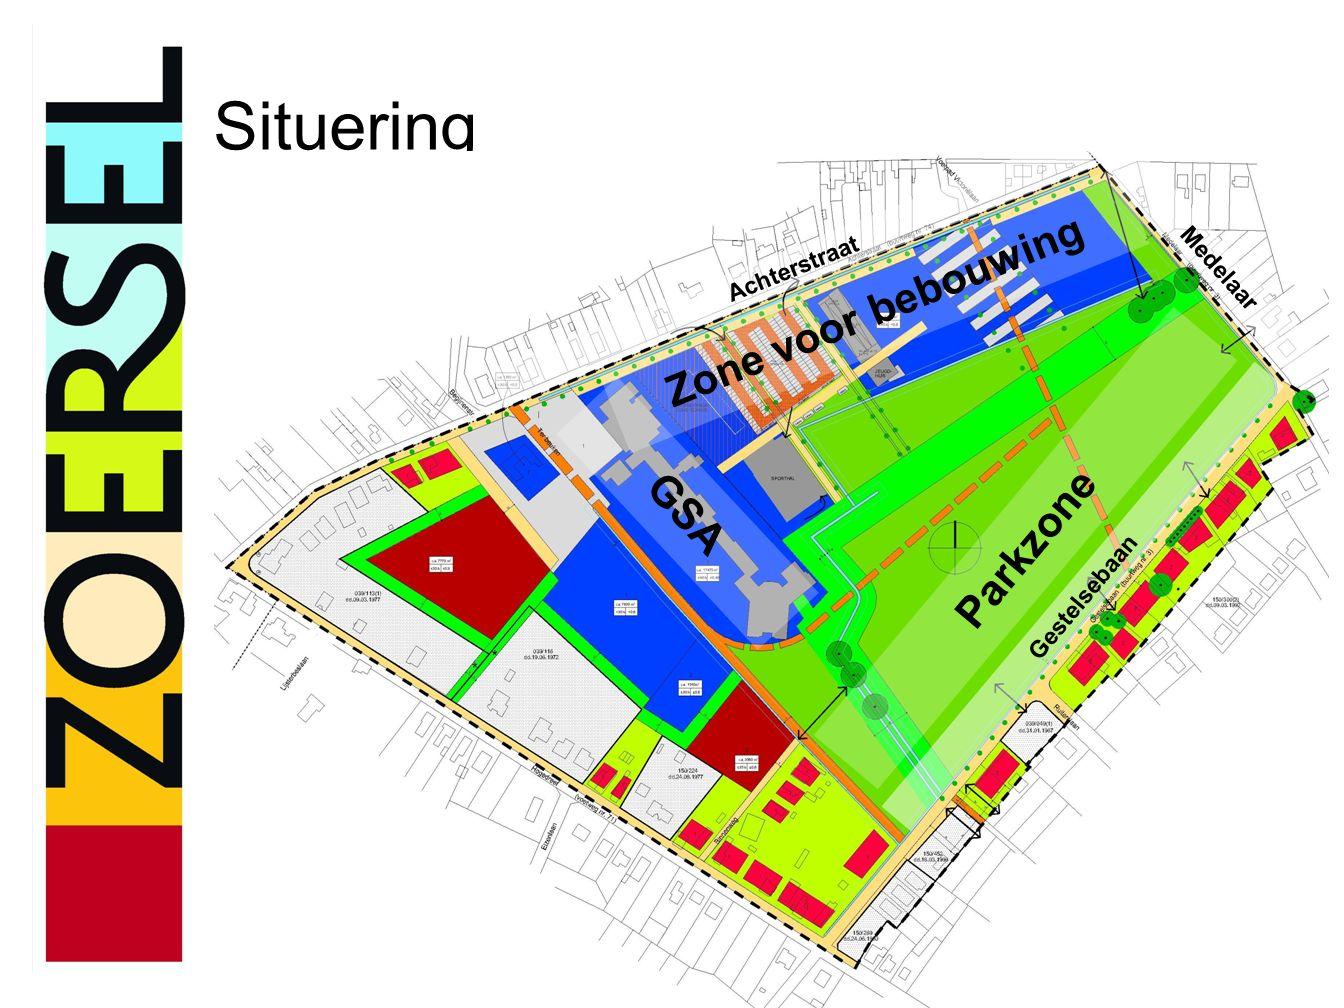 Geplande infrastructuur Sportinfrastructuur Jeugdhuis Repetitieruimte Ruime parking Kinderopvang Academie Strijkatelier Multifunctionele zaal